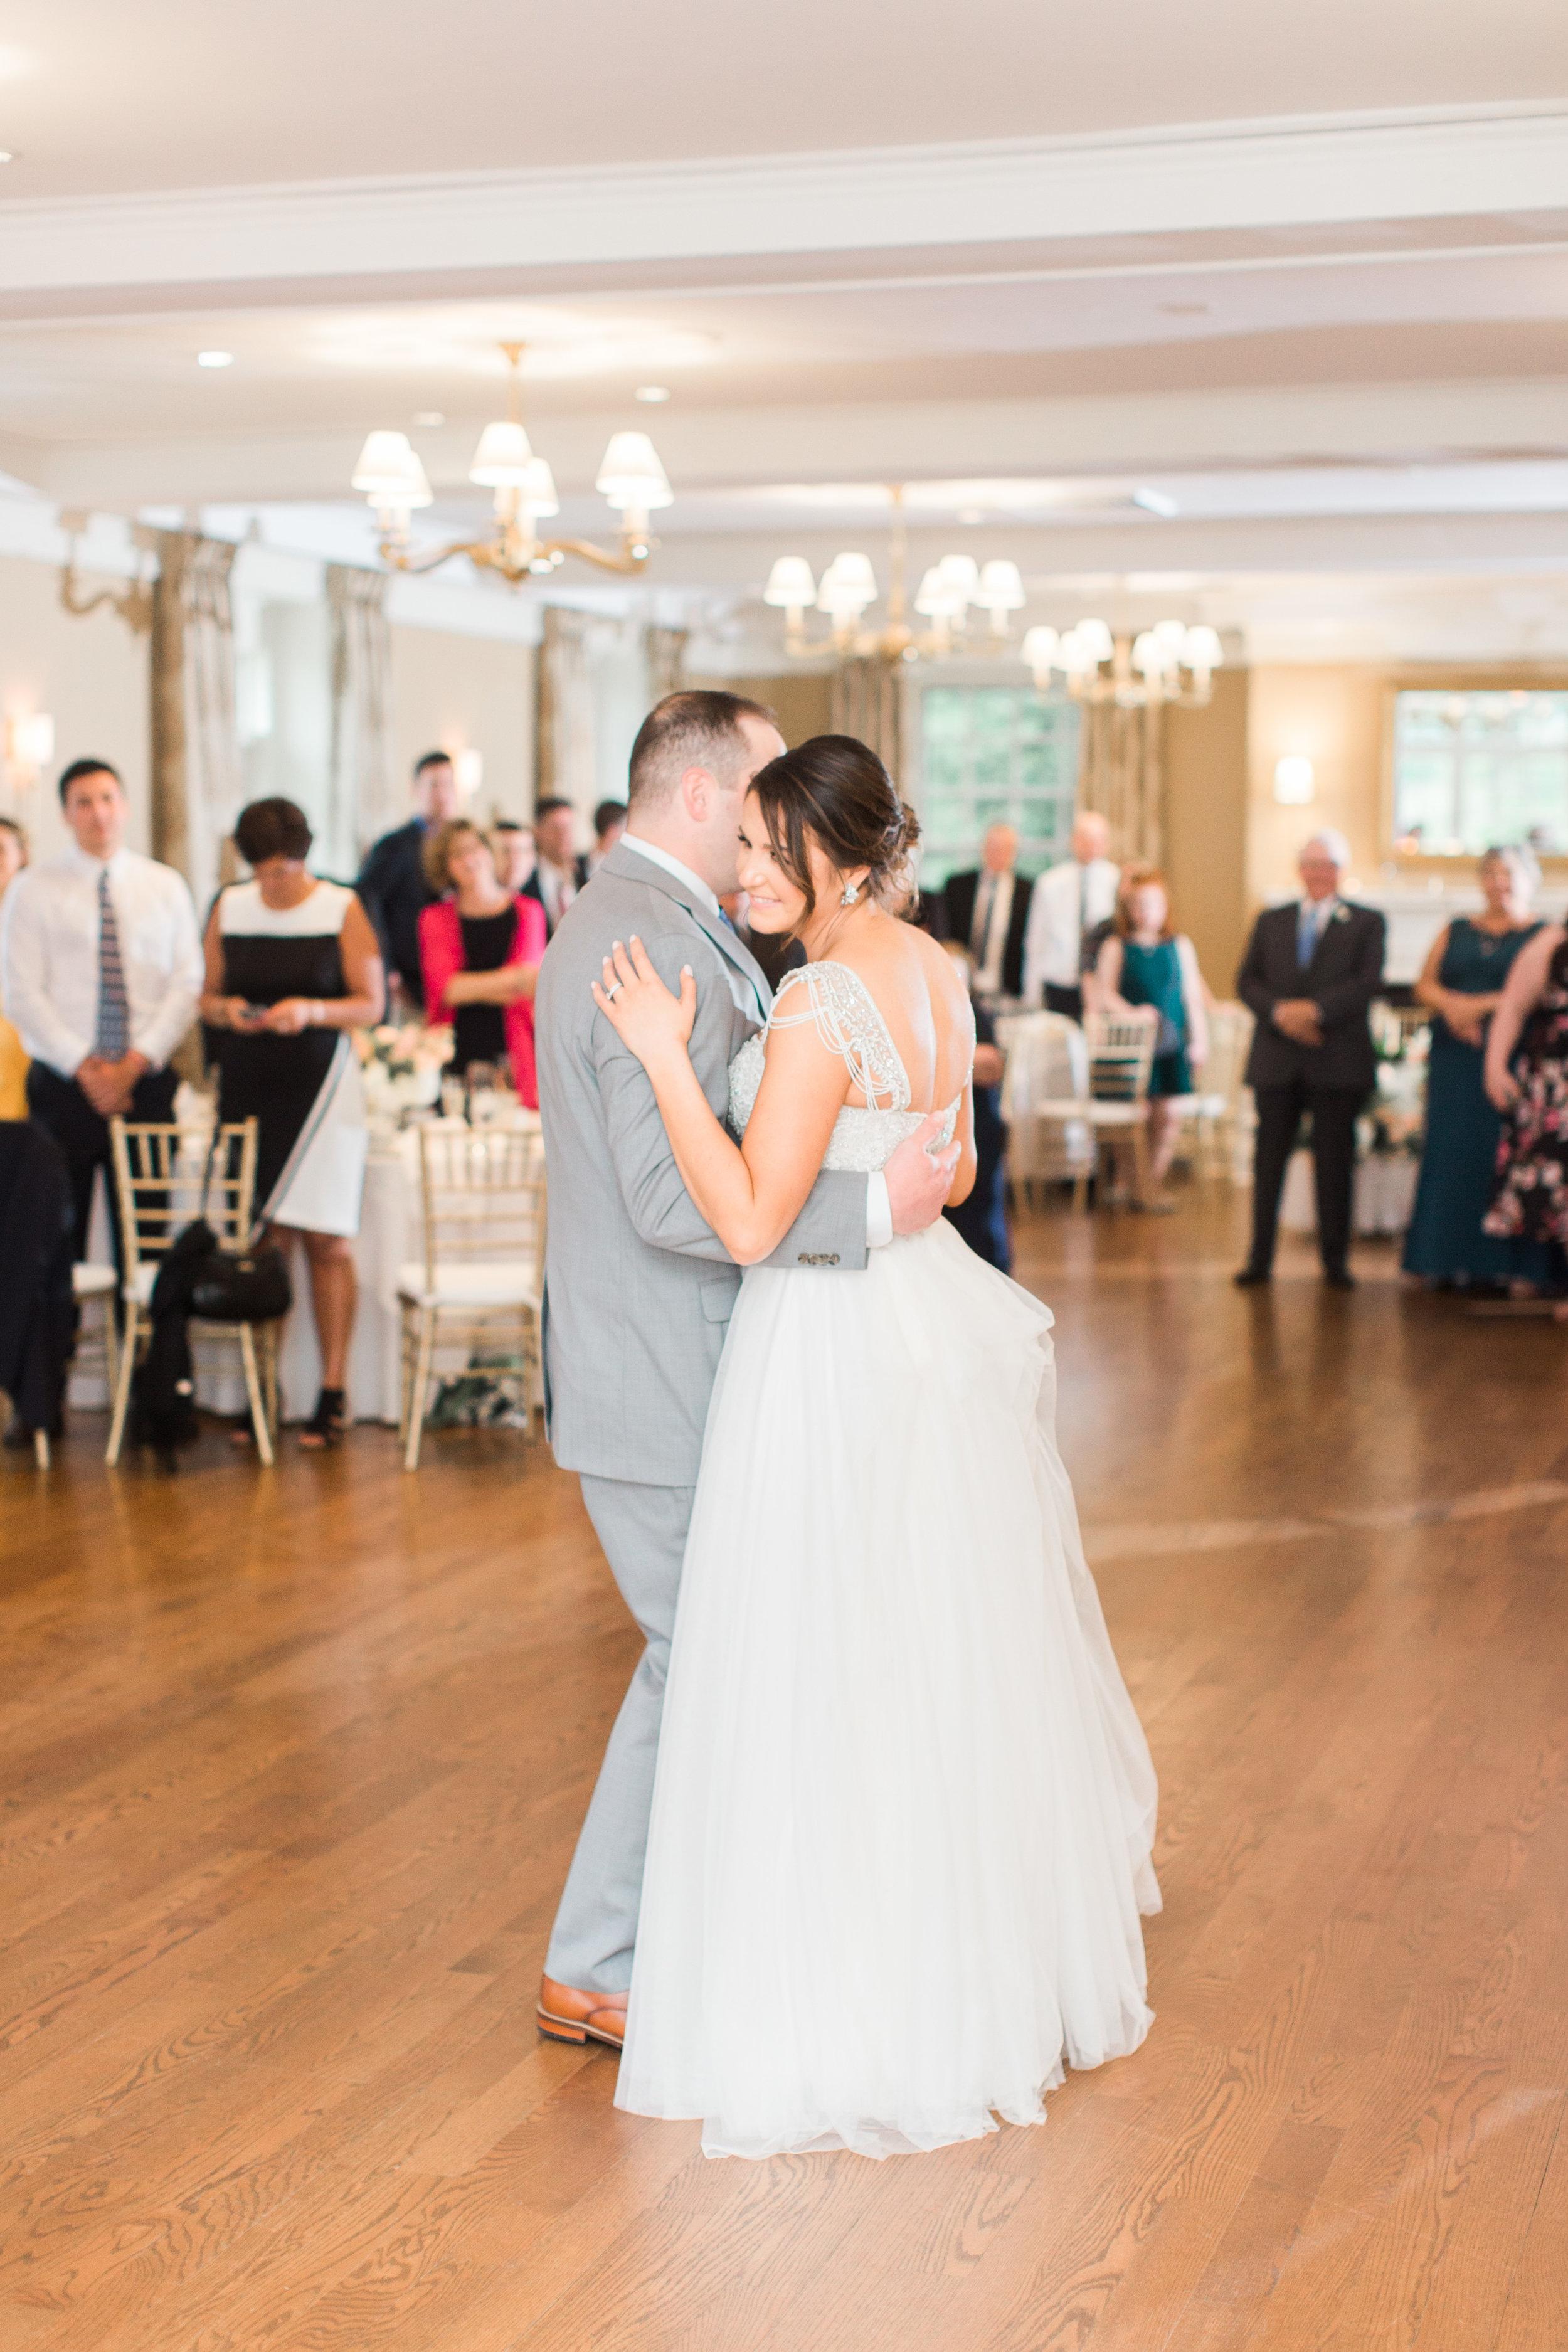 jessicaandchris_wedding (802 of 1021).jpg